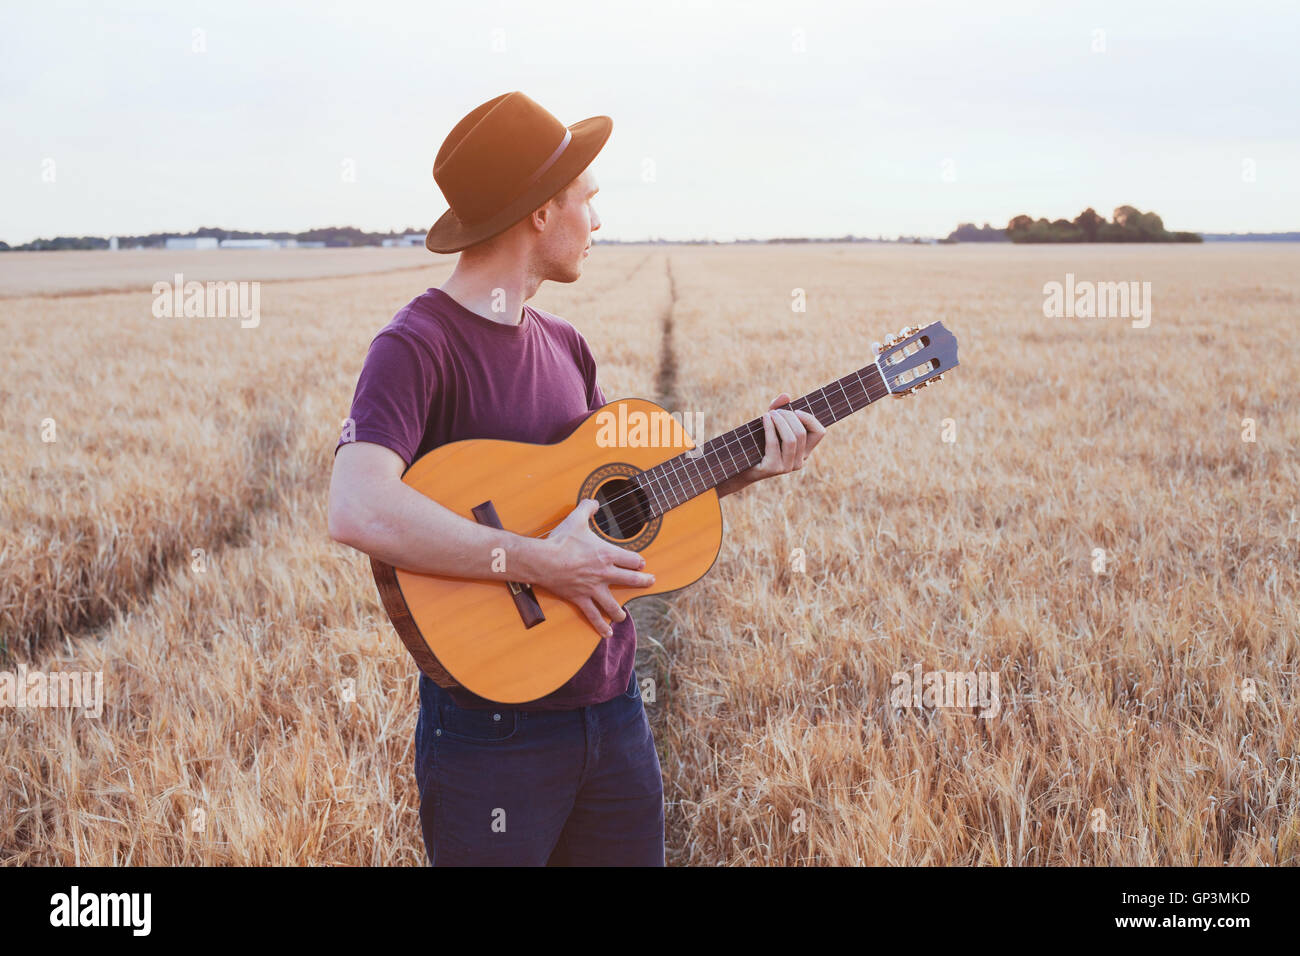 Joven tocando la guitarra en el campo al atardecer, romántica canción de amor Imagen De Stock